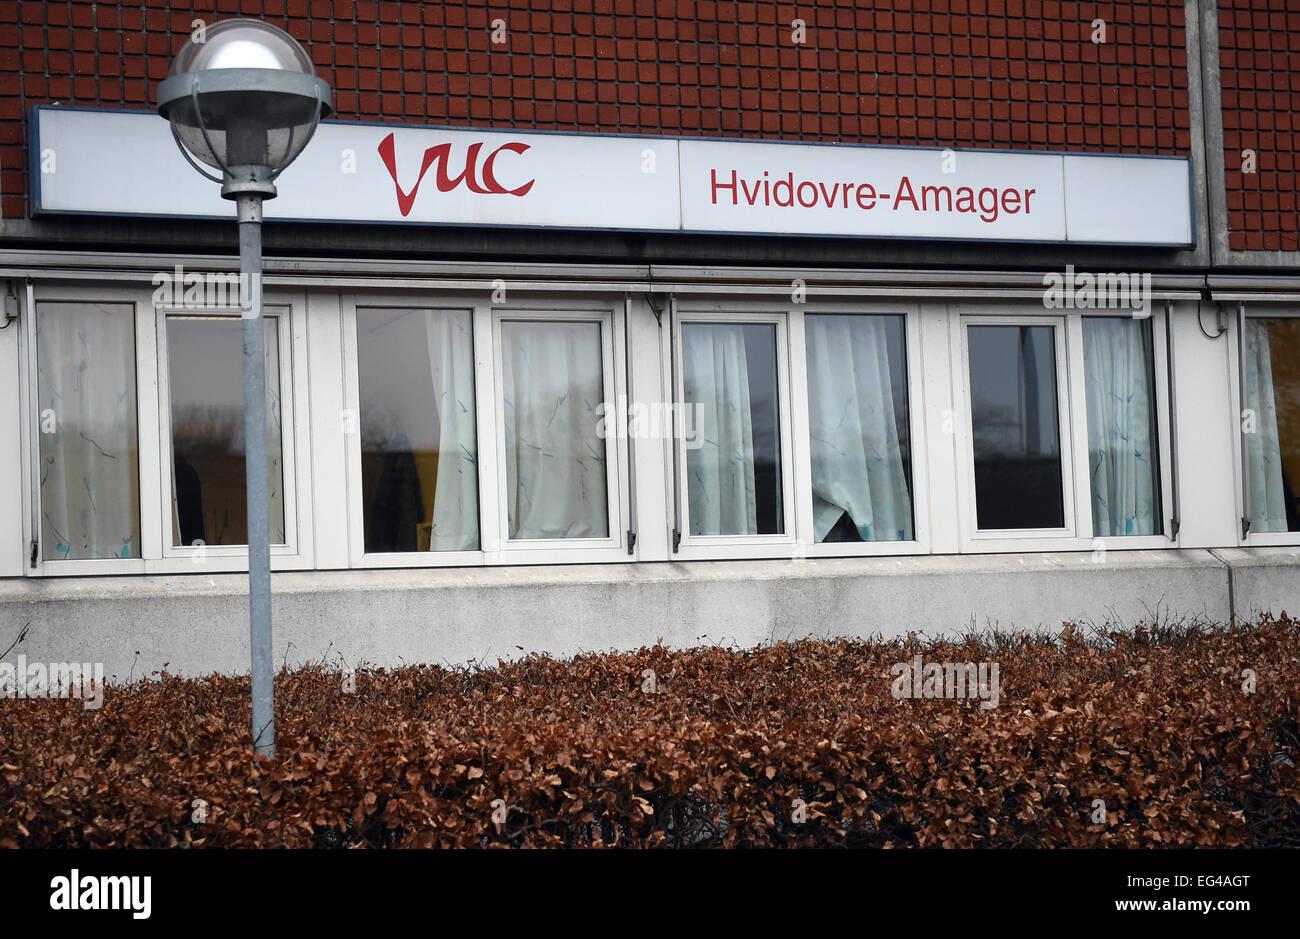 Call girl in Hvidovre